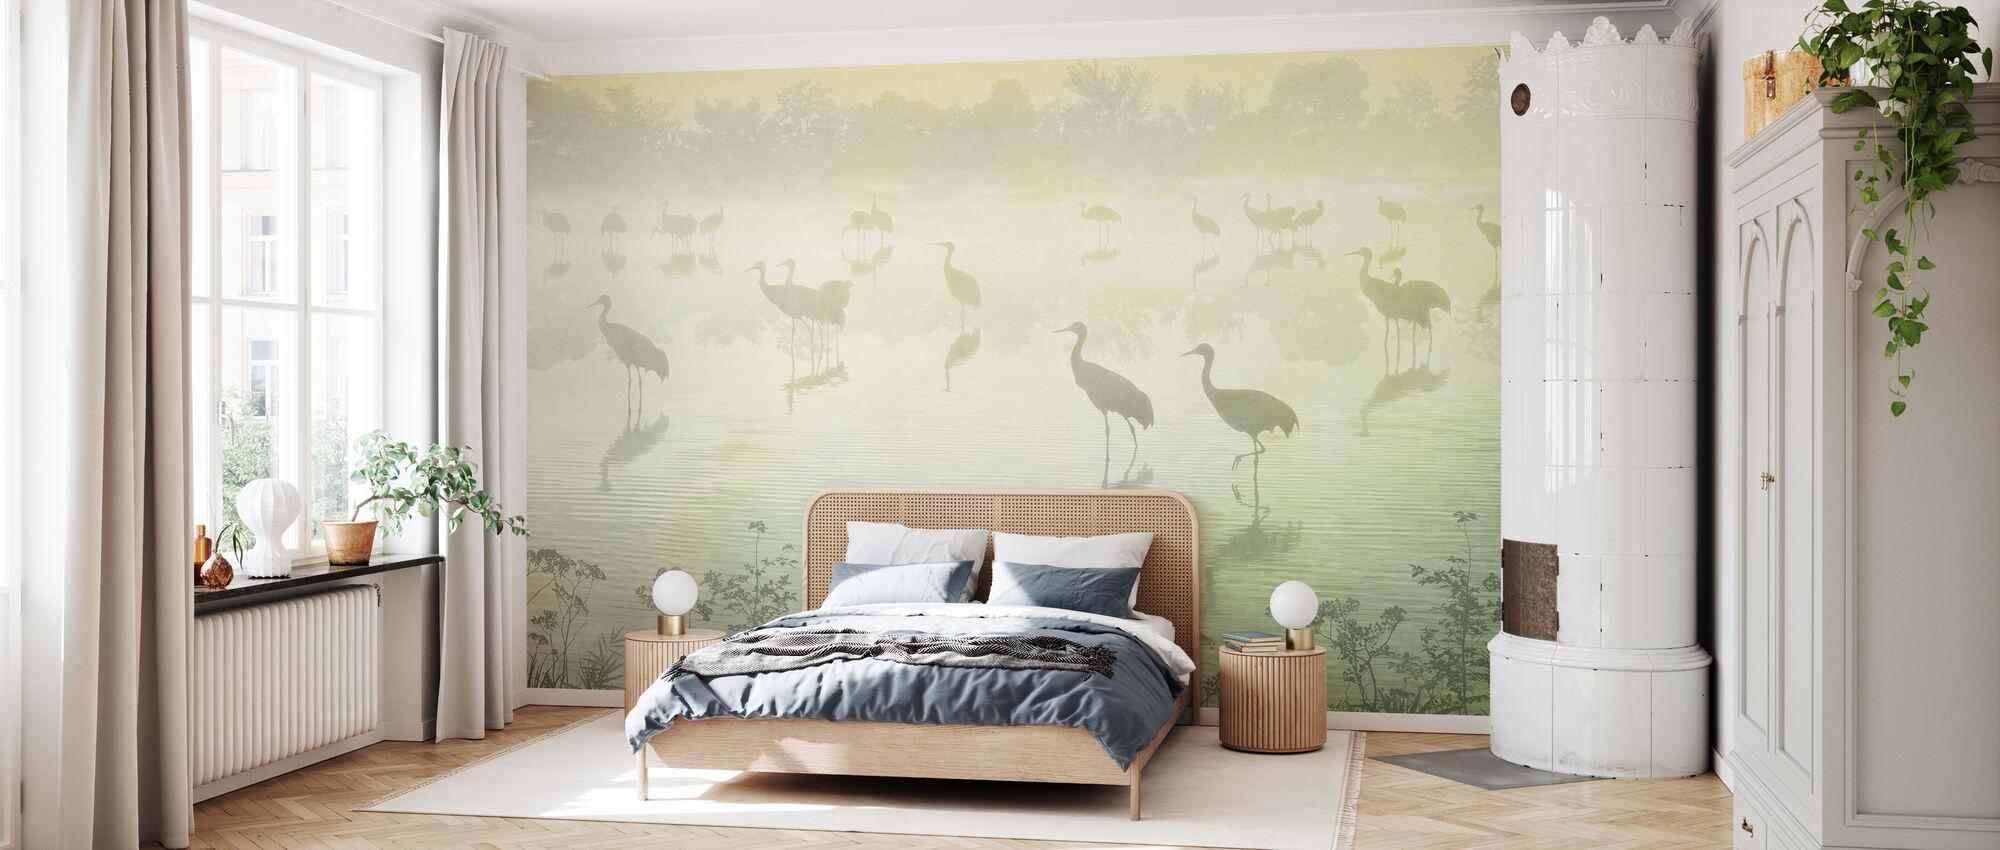 Flock at Dusk - Hazel - Wallpaper - Bedroom